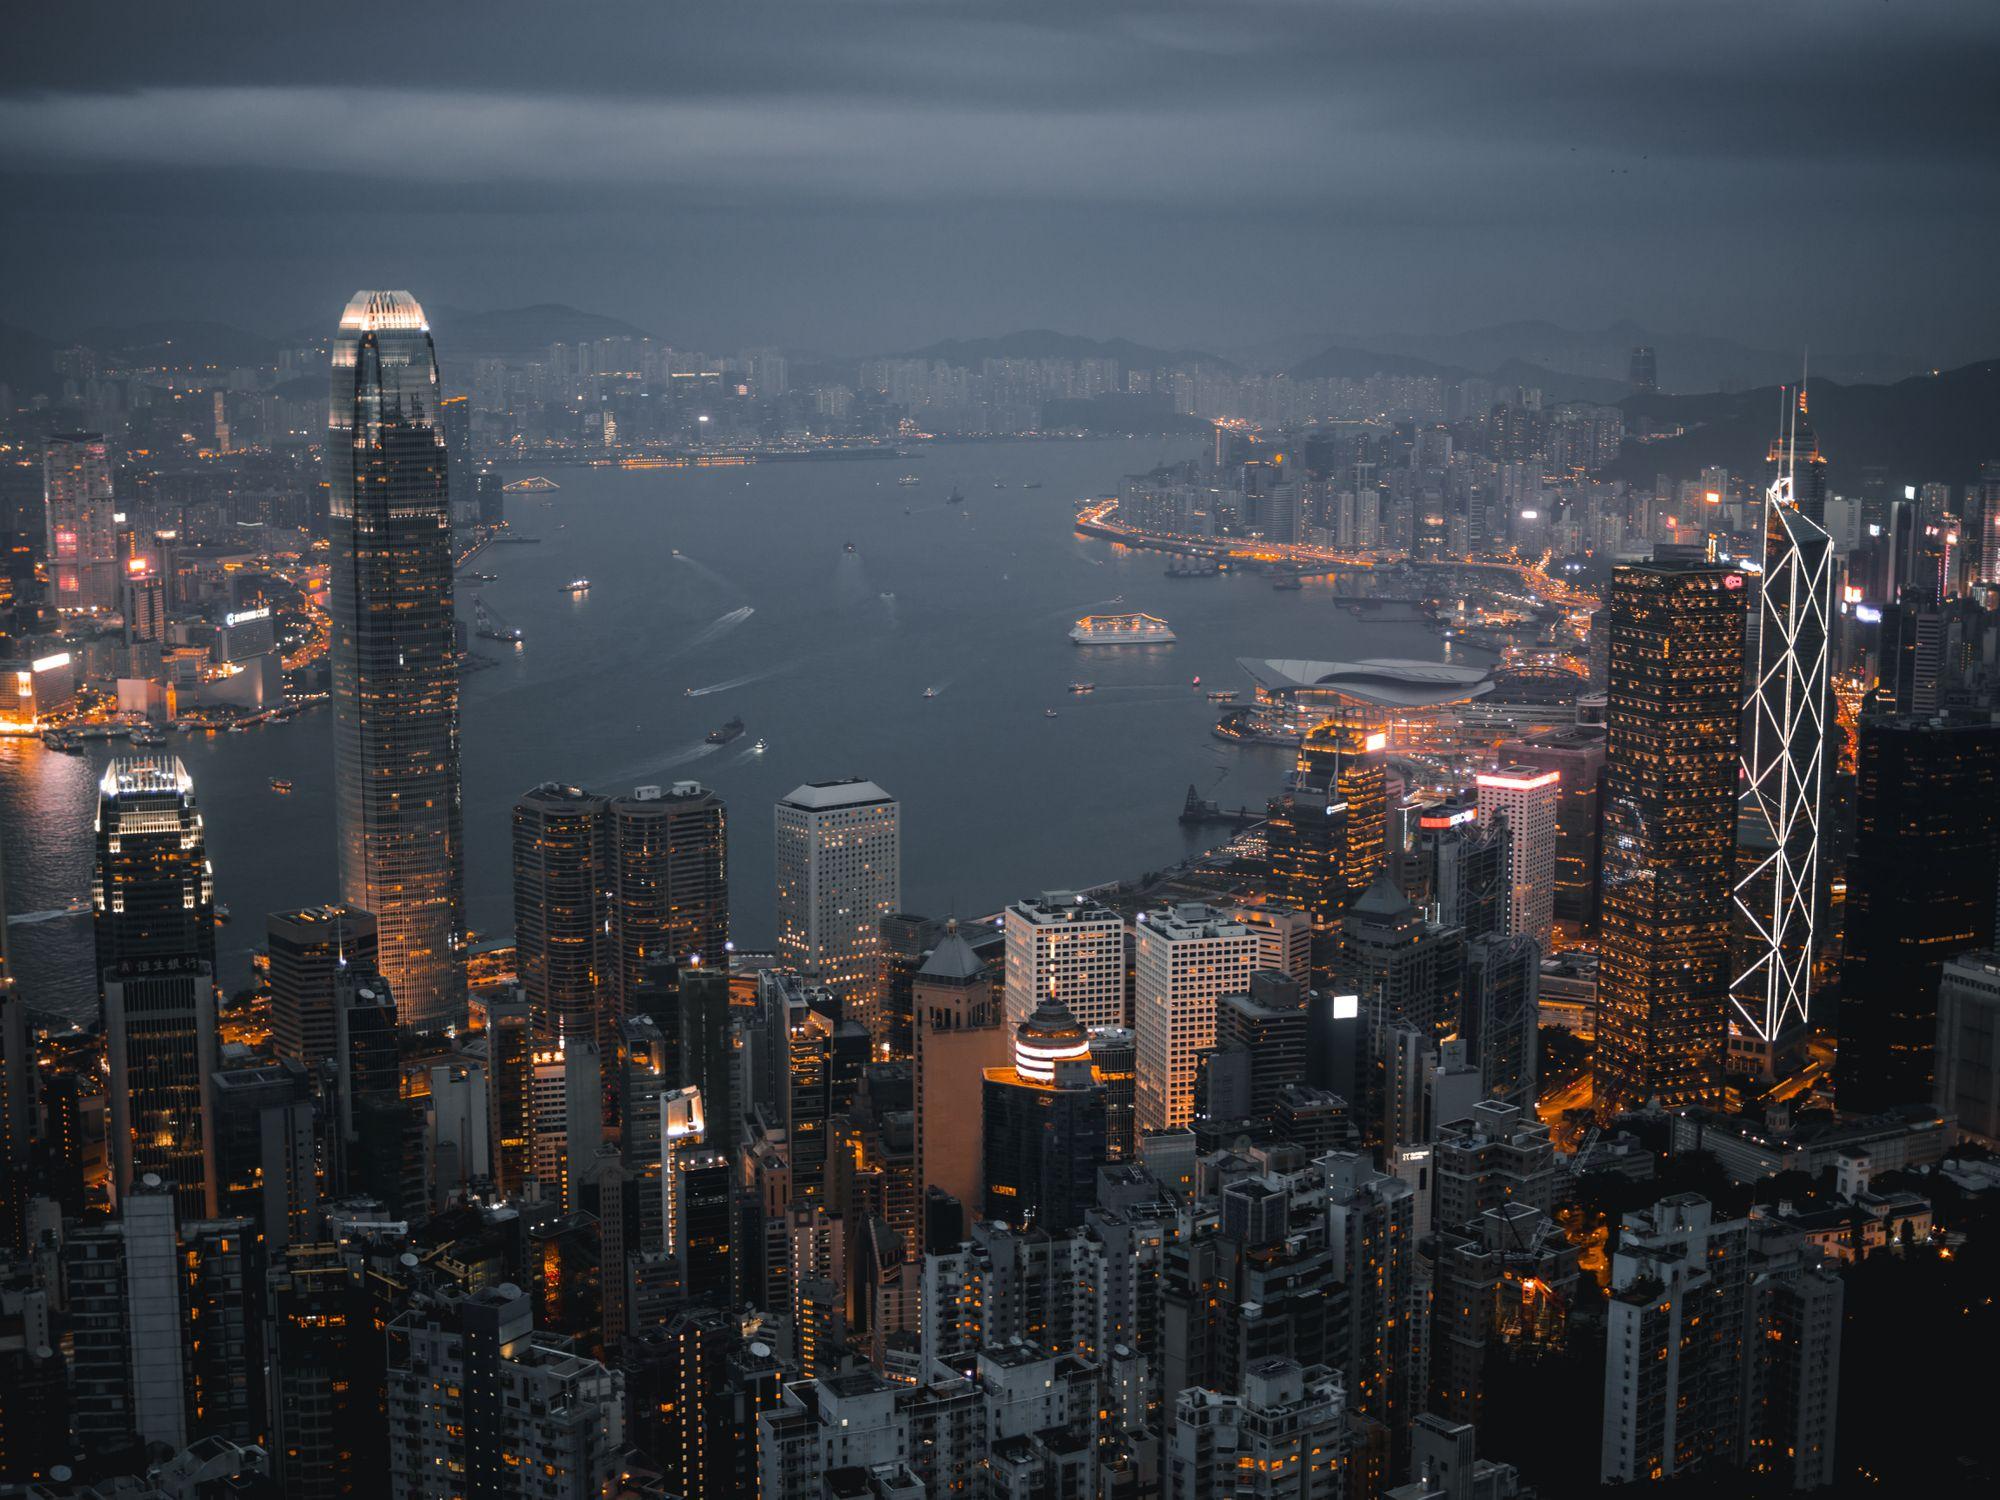 5 atemberaubende Rooftop-Bars in Hong Kong